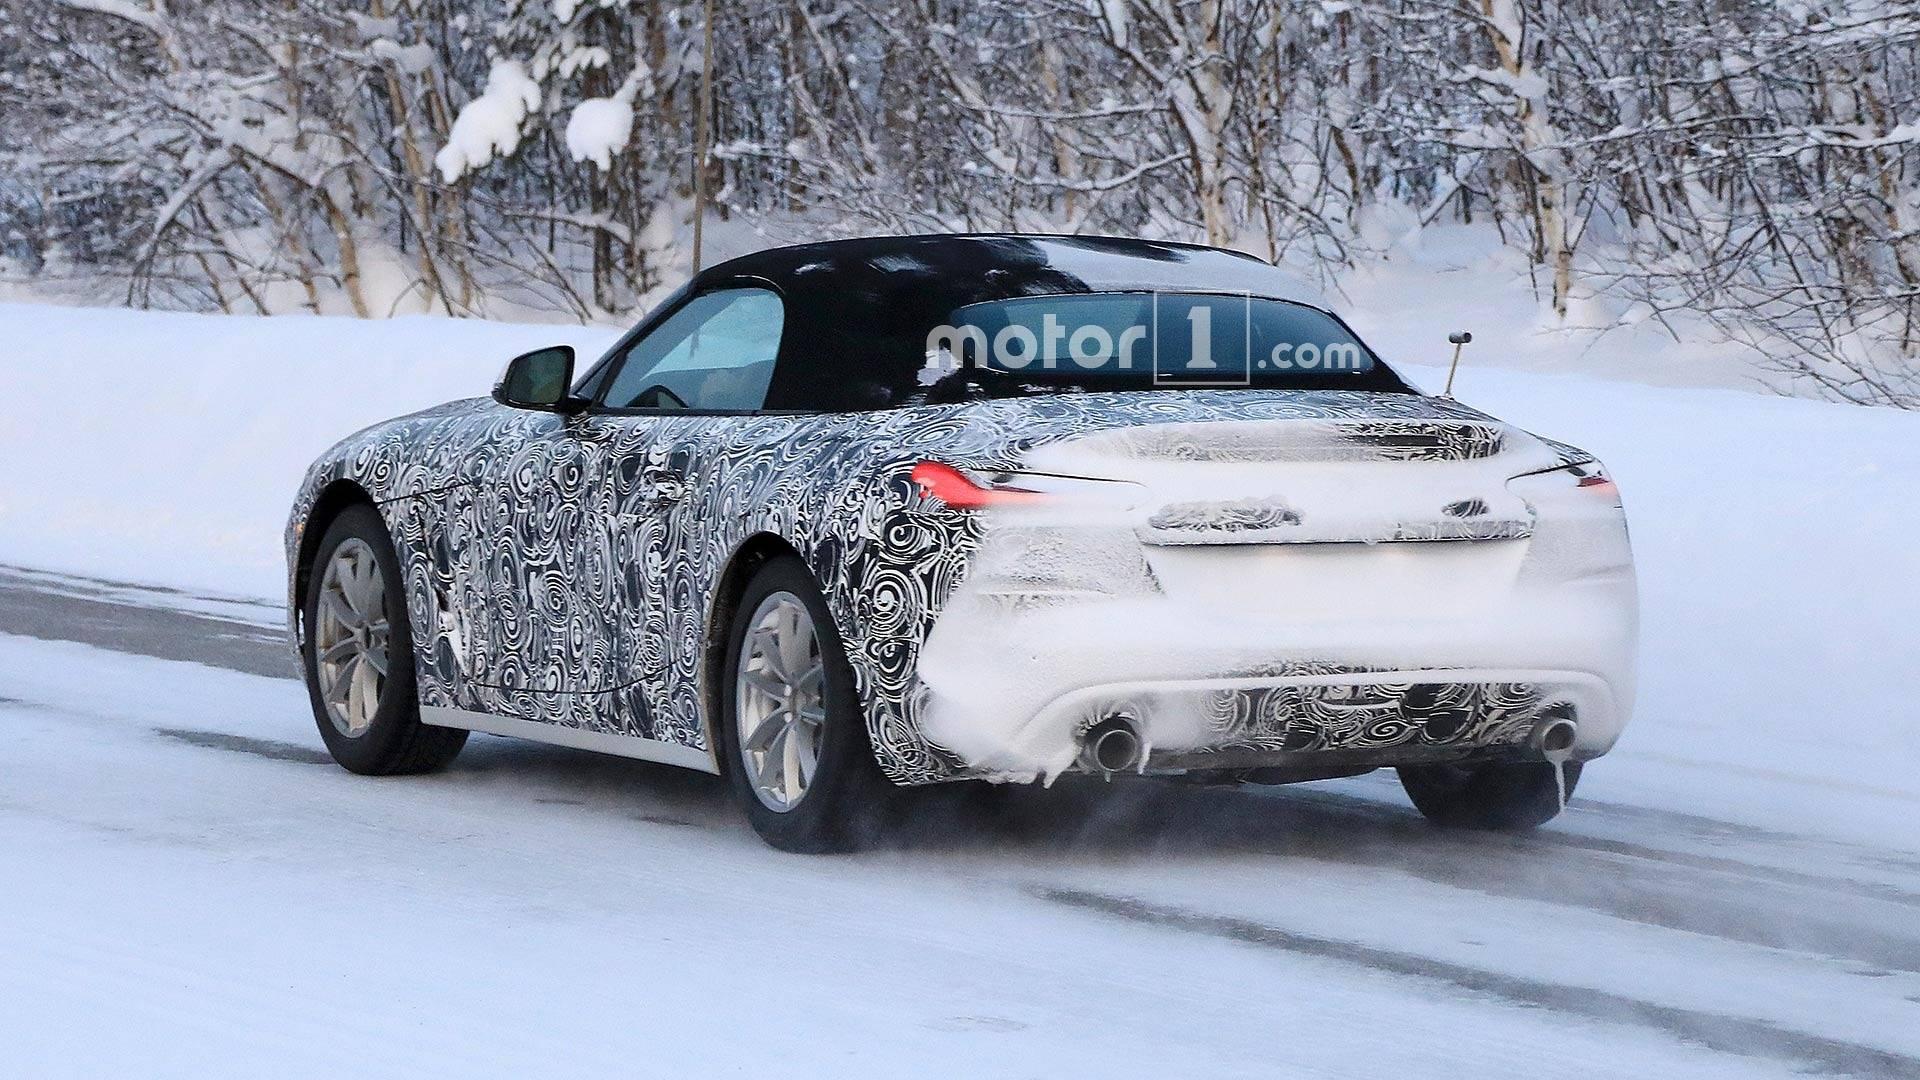 2018 - [BMW] Z4 (G29) - Page 5 Bmw-z4-snow-spy-shots